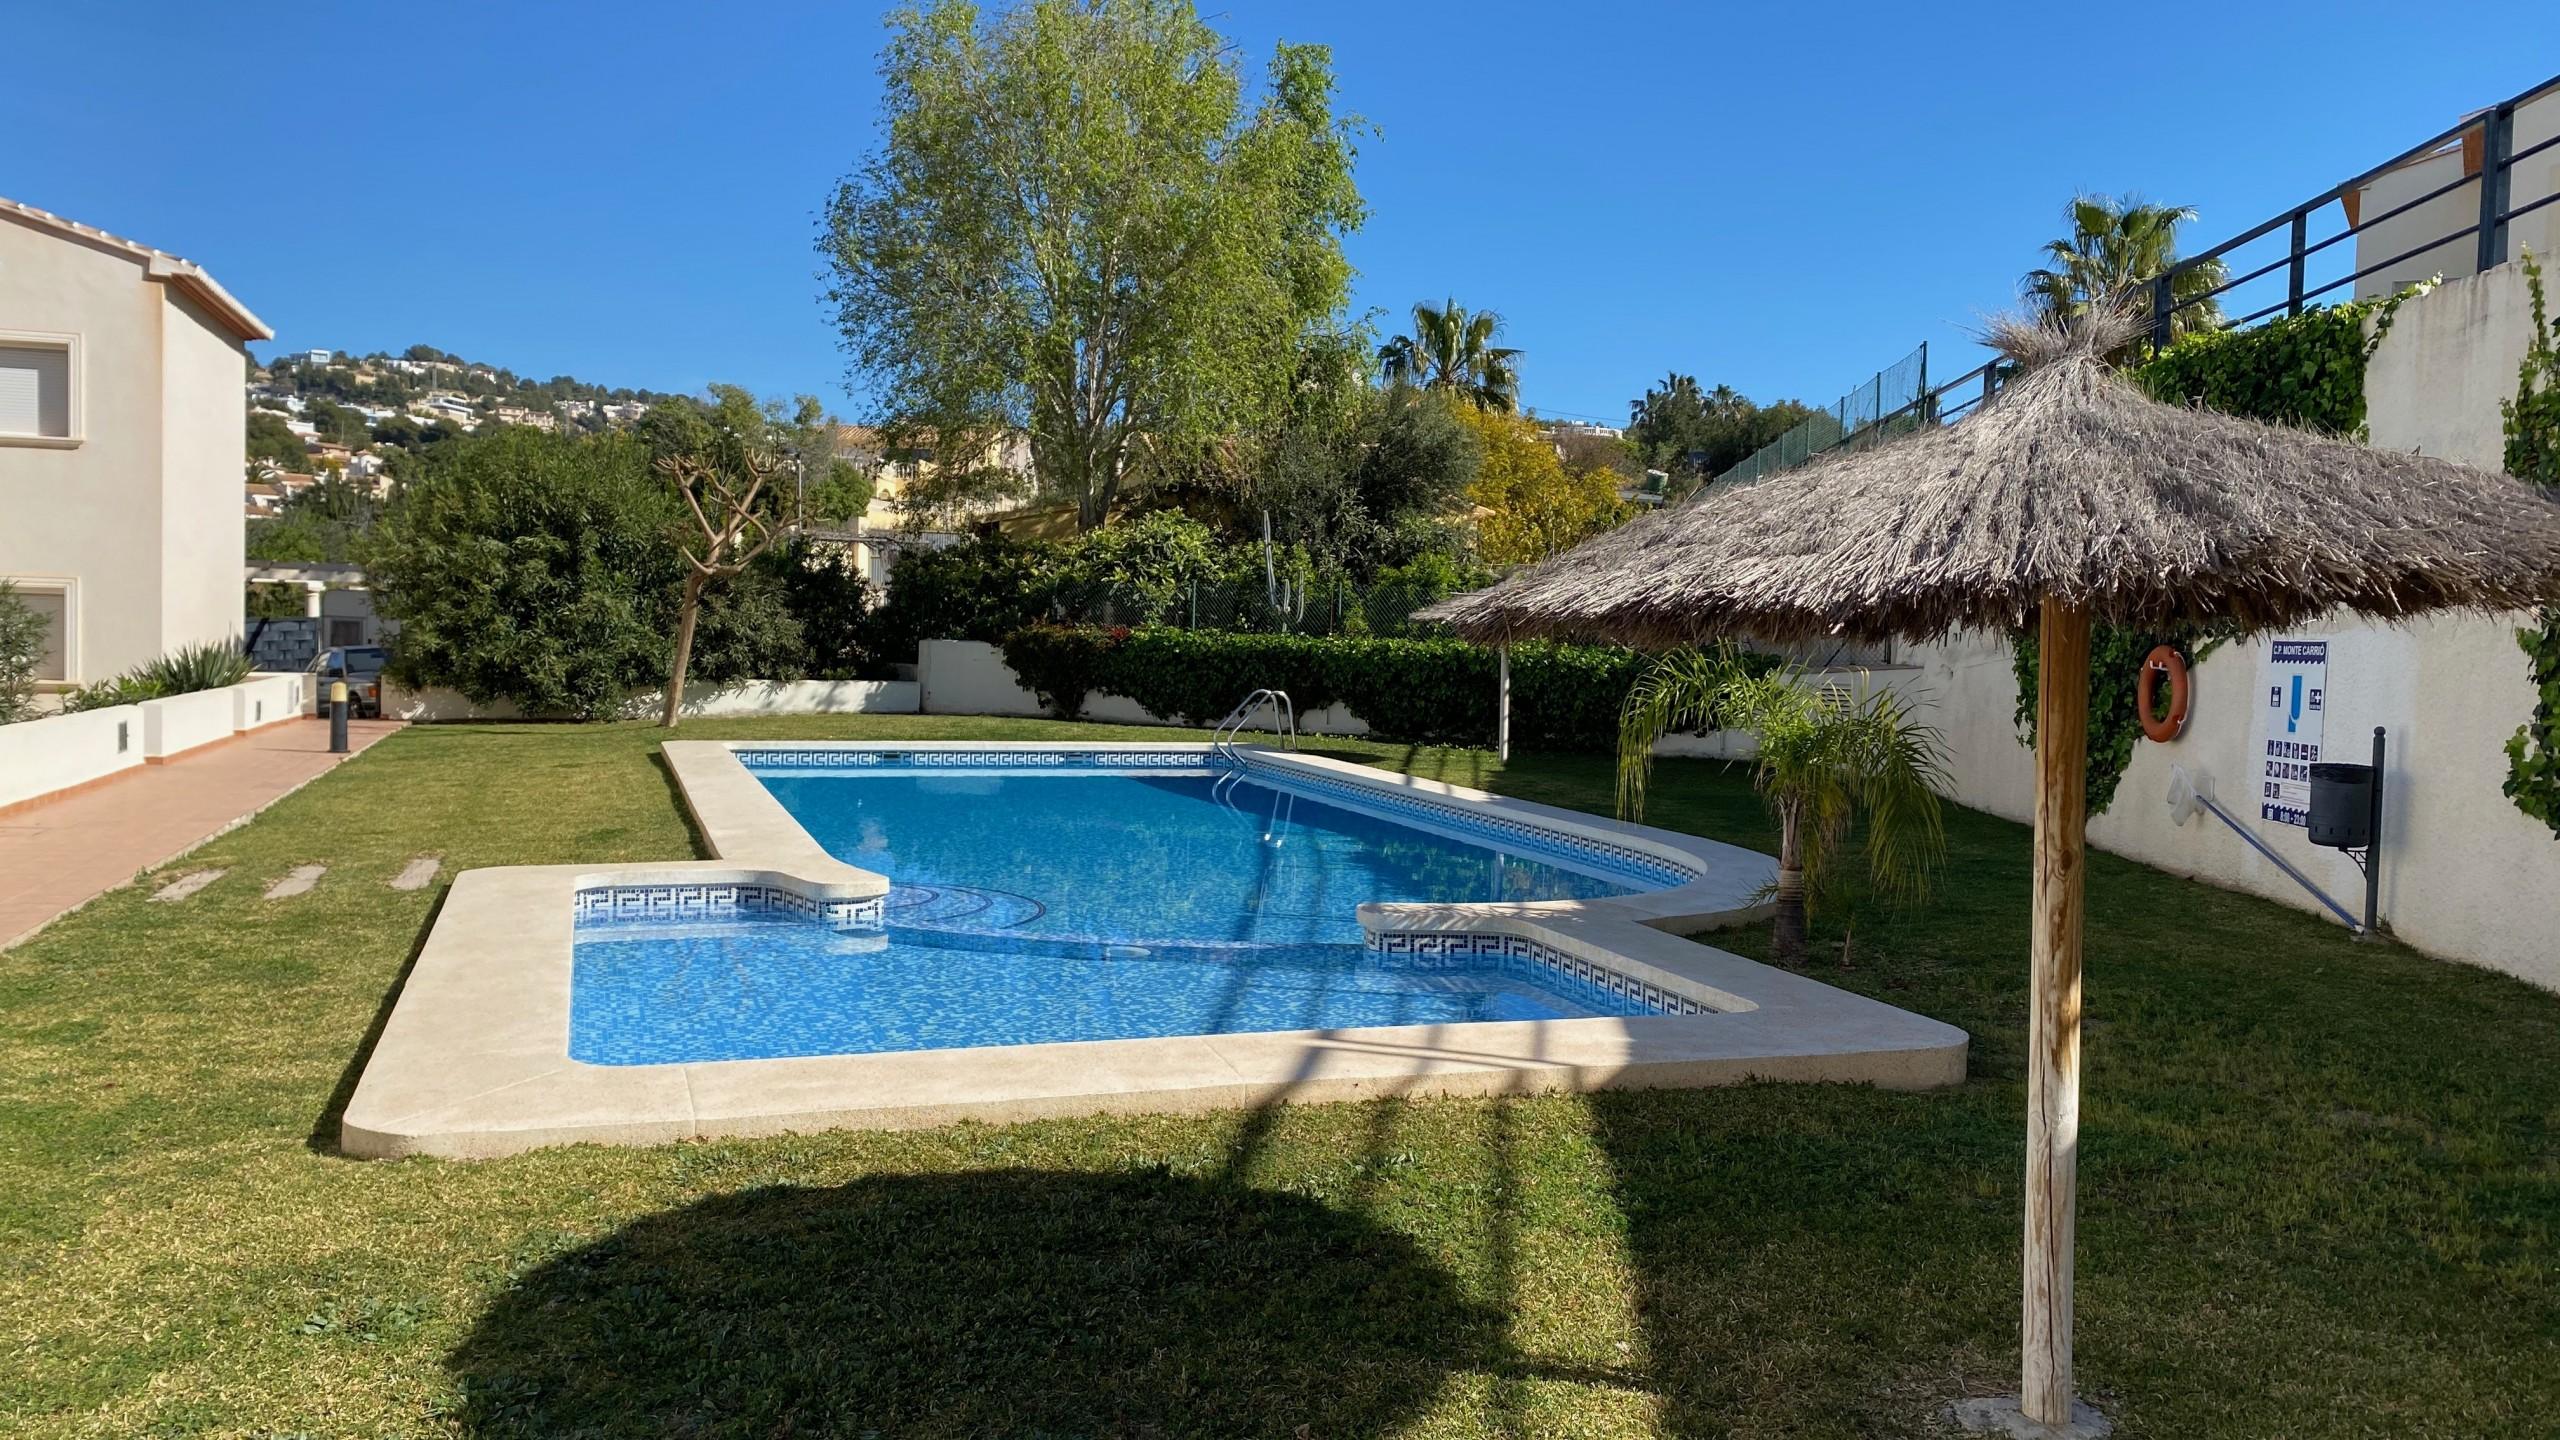 Casa Ambiente Holiday Rental - CostaBlancaDreams - Calpe